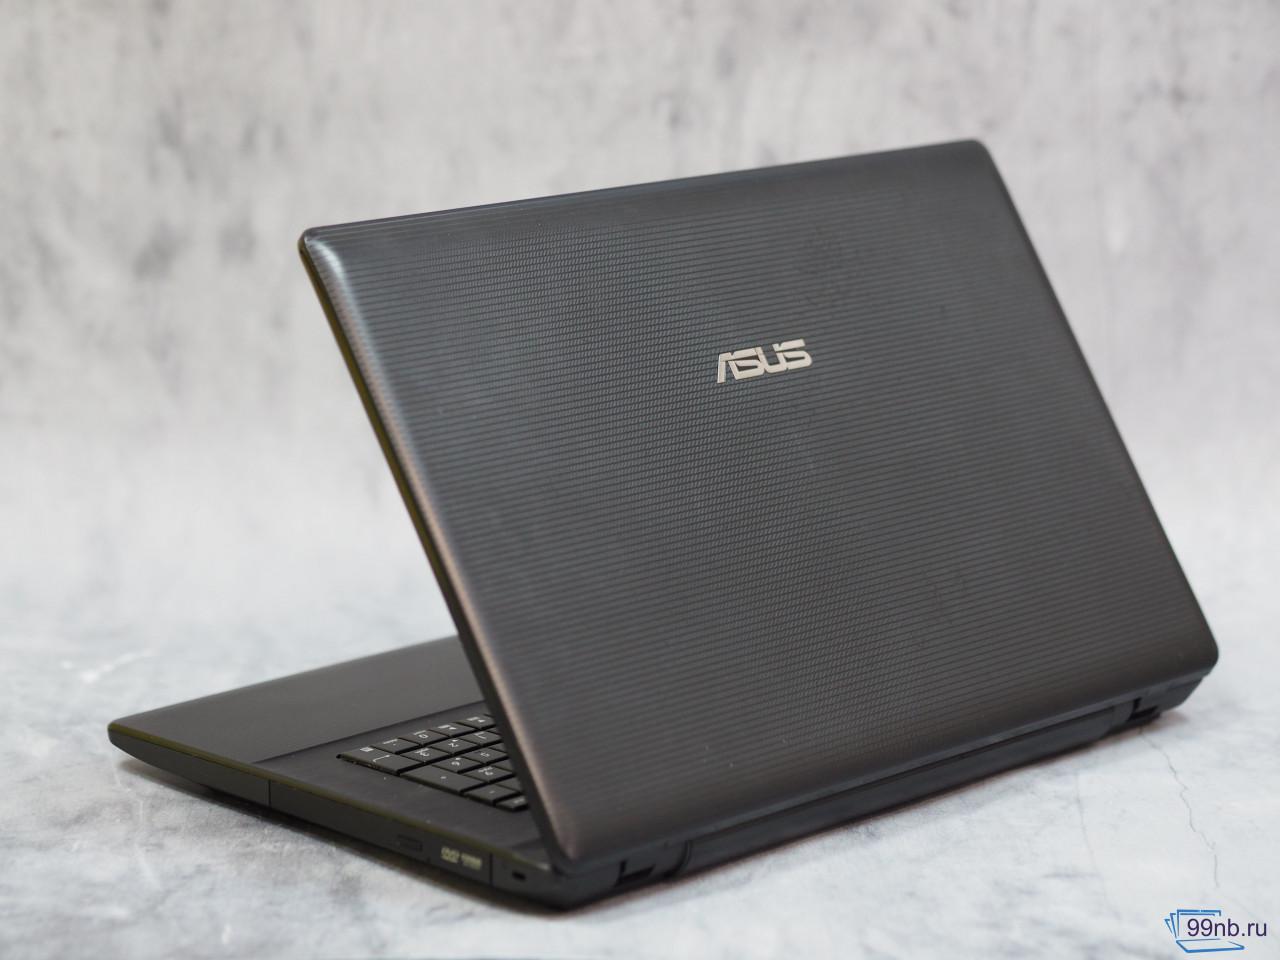 Мощный Asus на i5/GeForce/500gb